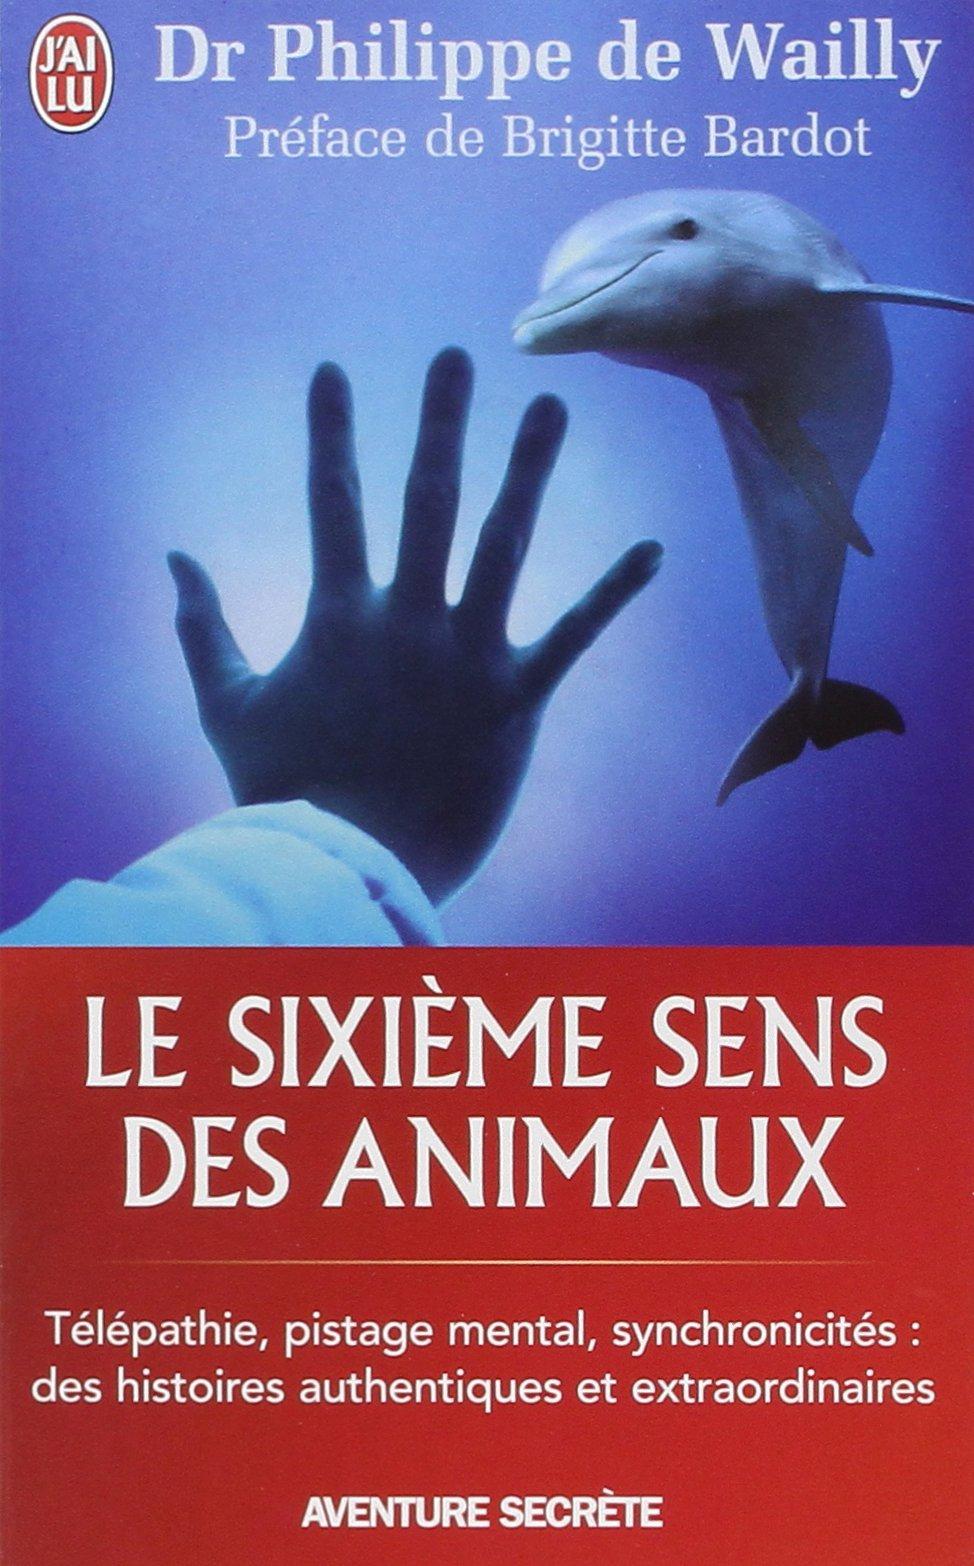 Le sixième sens des animaux - Wailly Philippe